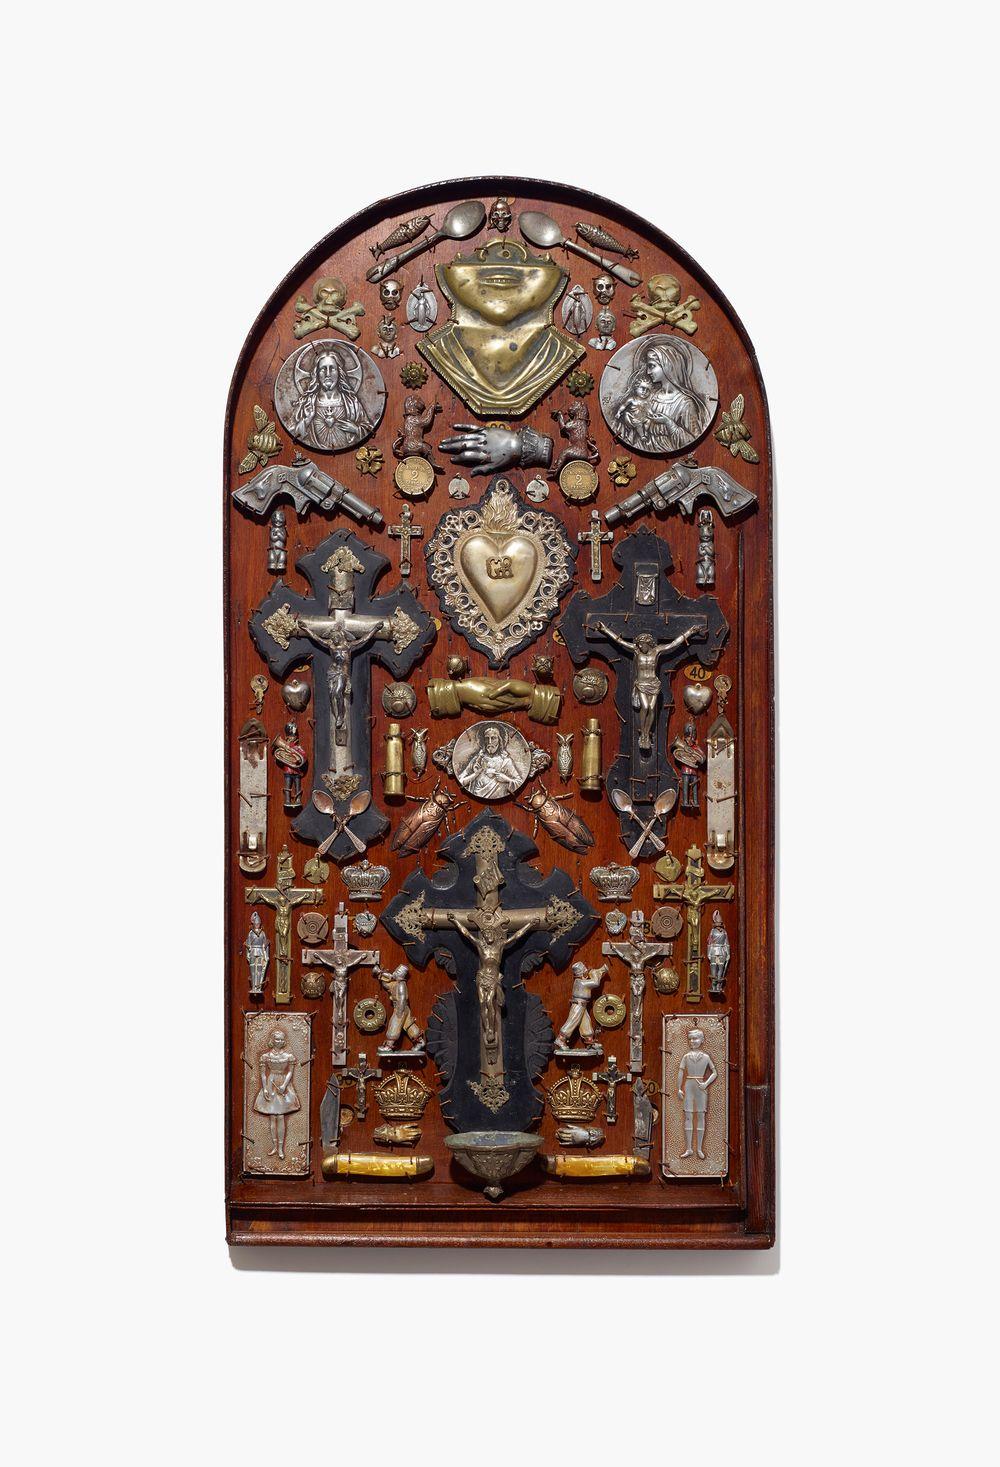 Pin by 𝕬𝖓𝖓𝖒𝖆𝖗𝖞𝖚 on nancy fouts nancy work crucifix